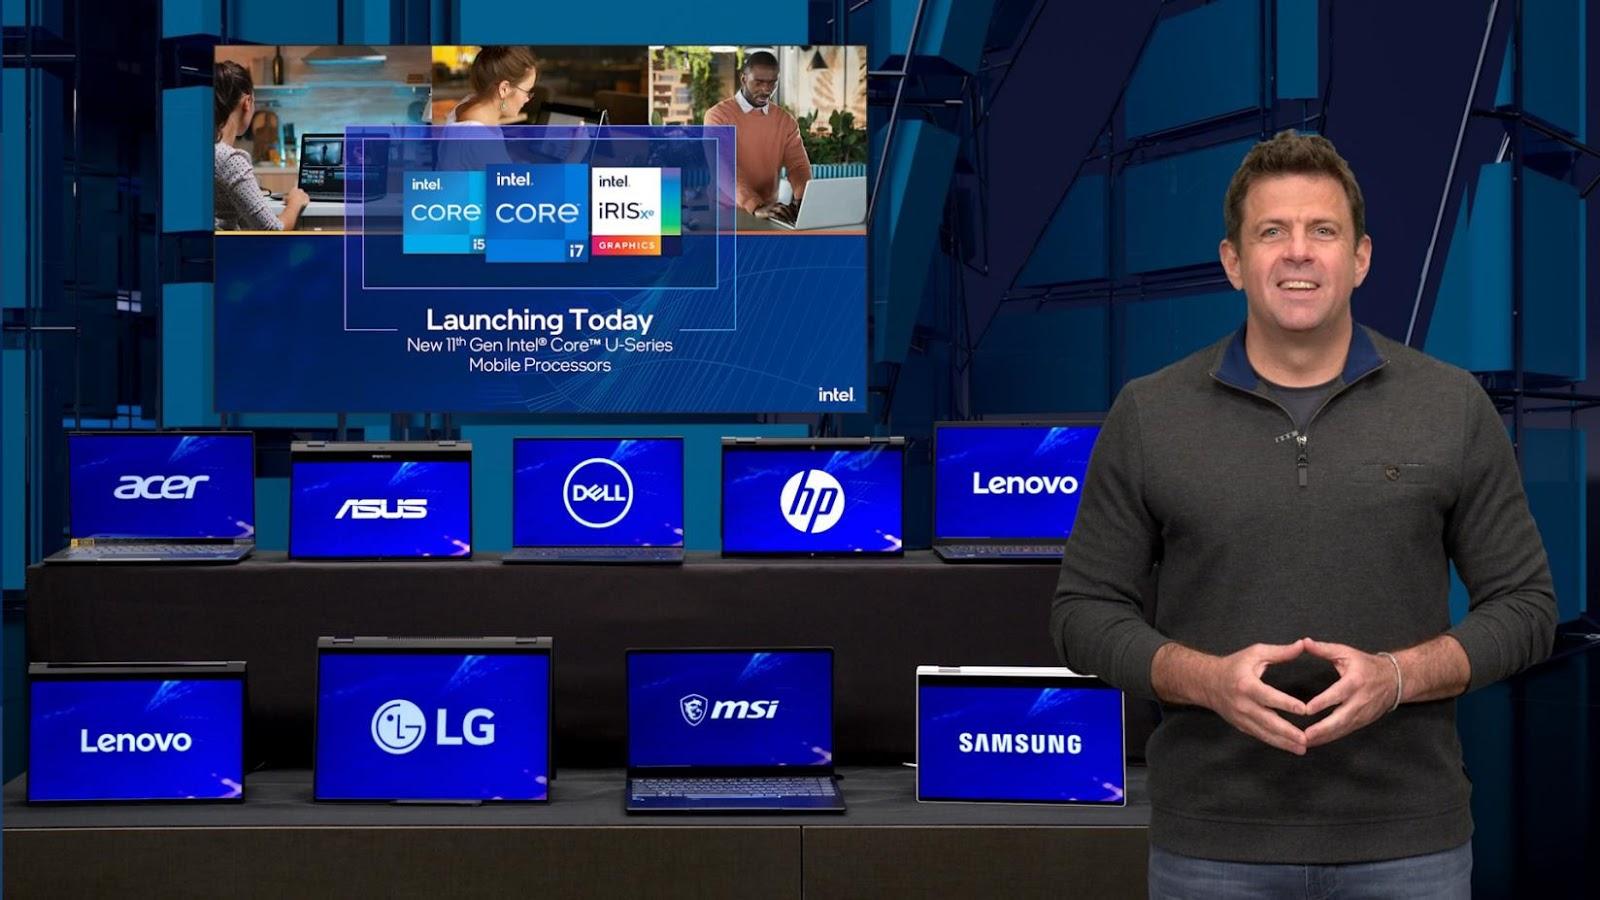 พบกับโปรเซสเซอร์ที่ดีที่สุดในโลกสำหรับวินโดว์สแล็ปท็อปบางและเบาที่ดีขึ้น ด้วย Intel Core รุ่นที่ 11 ใหม่พร้อมกราฟิก Intel Iris Xe, Intel Wi-Fi 6 / 6E (Gig +) และ Intel 5G Solution 5000